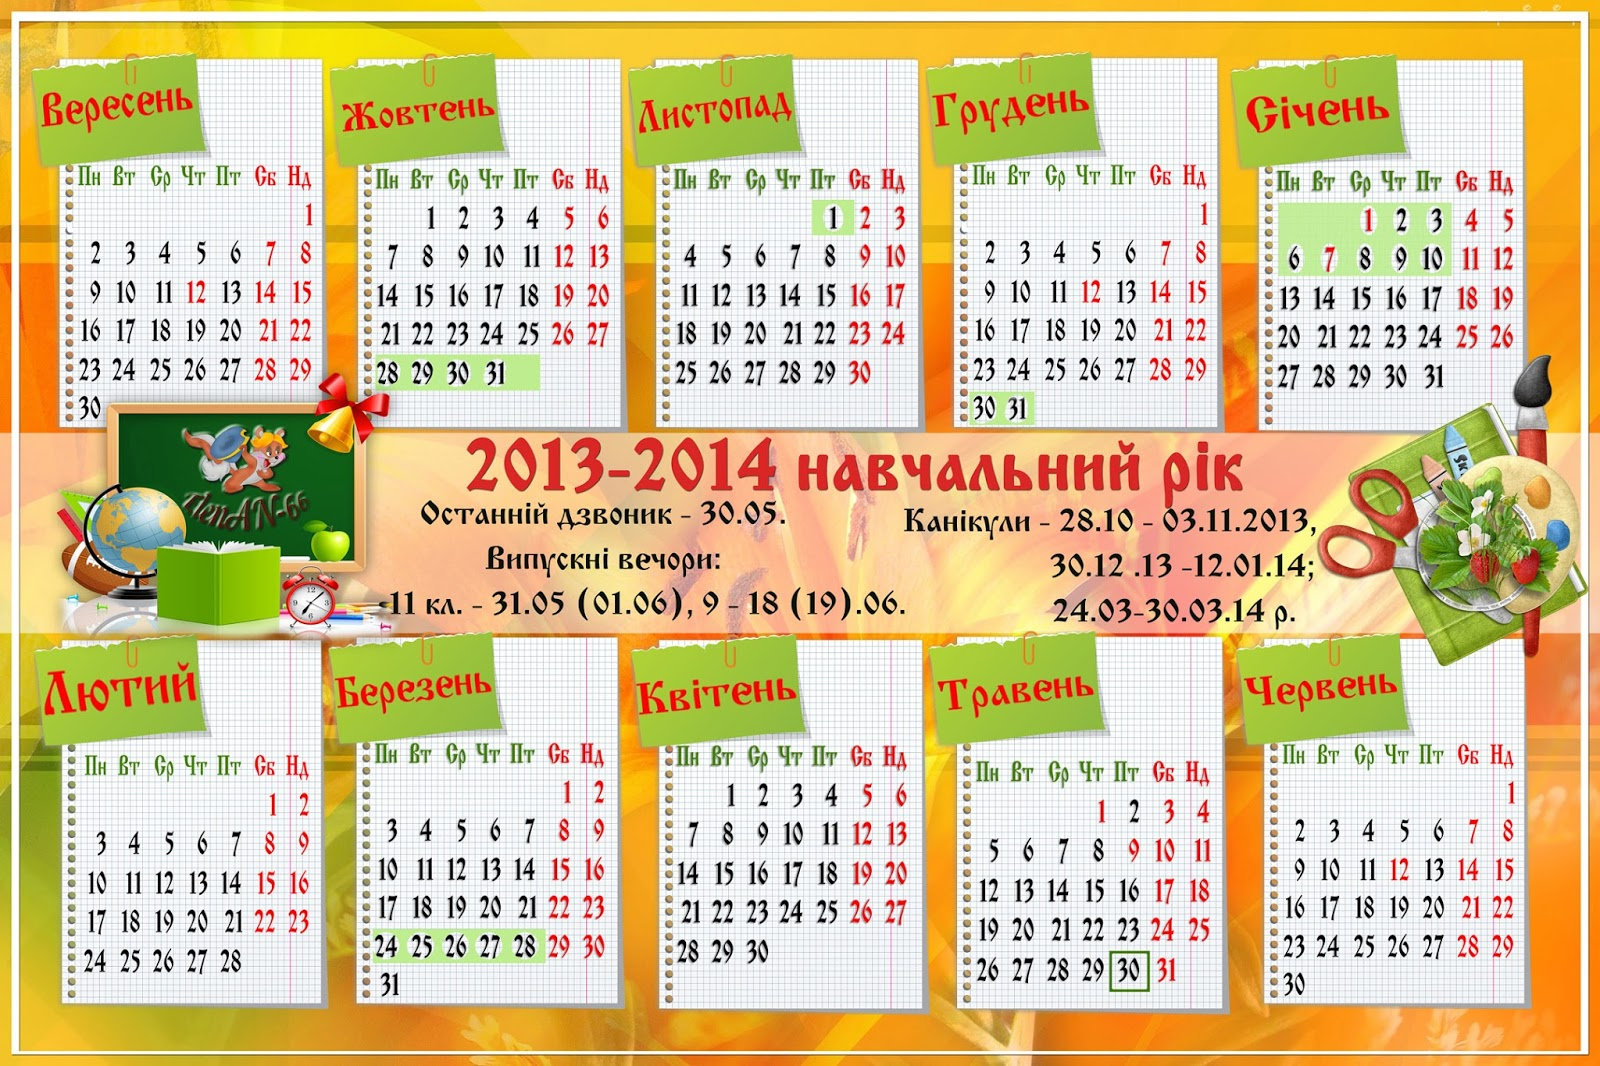 Календарь на 2014 2015 учебный год с. Календарь на 2014 2015 учебный год. как сшить для хорька одежку.